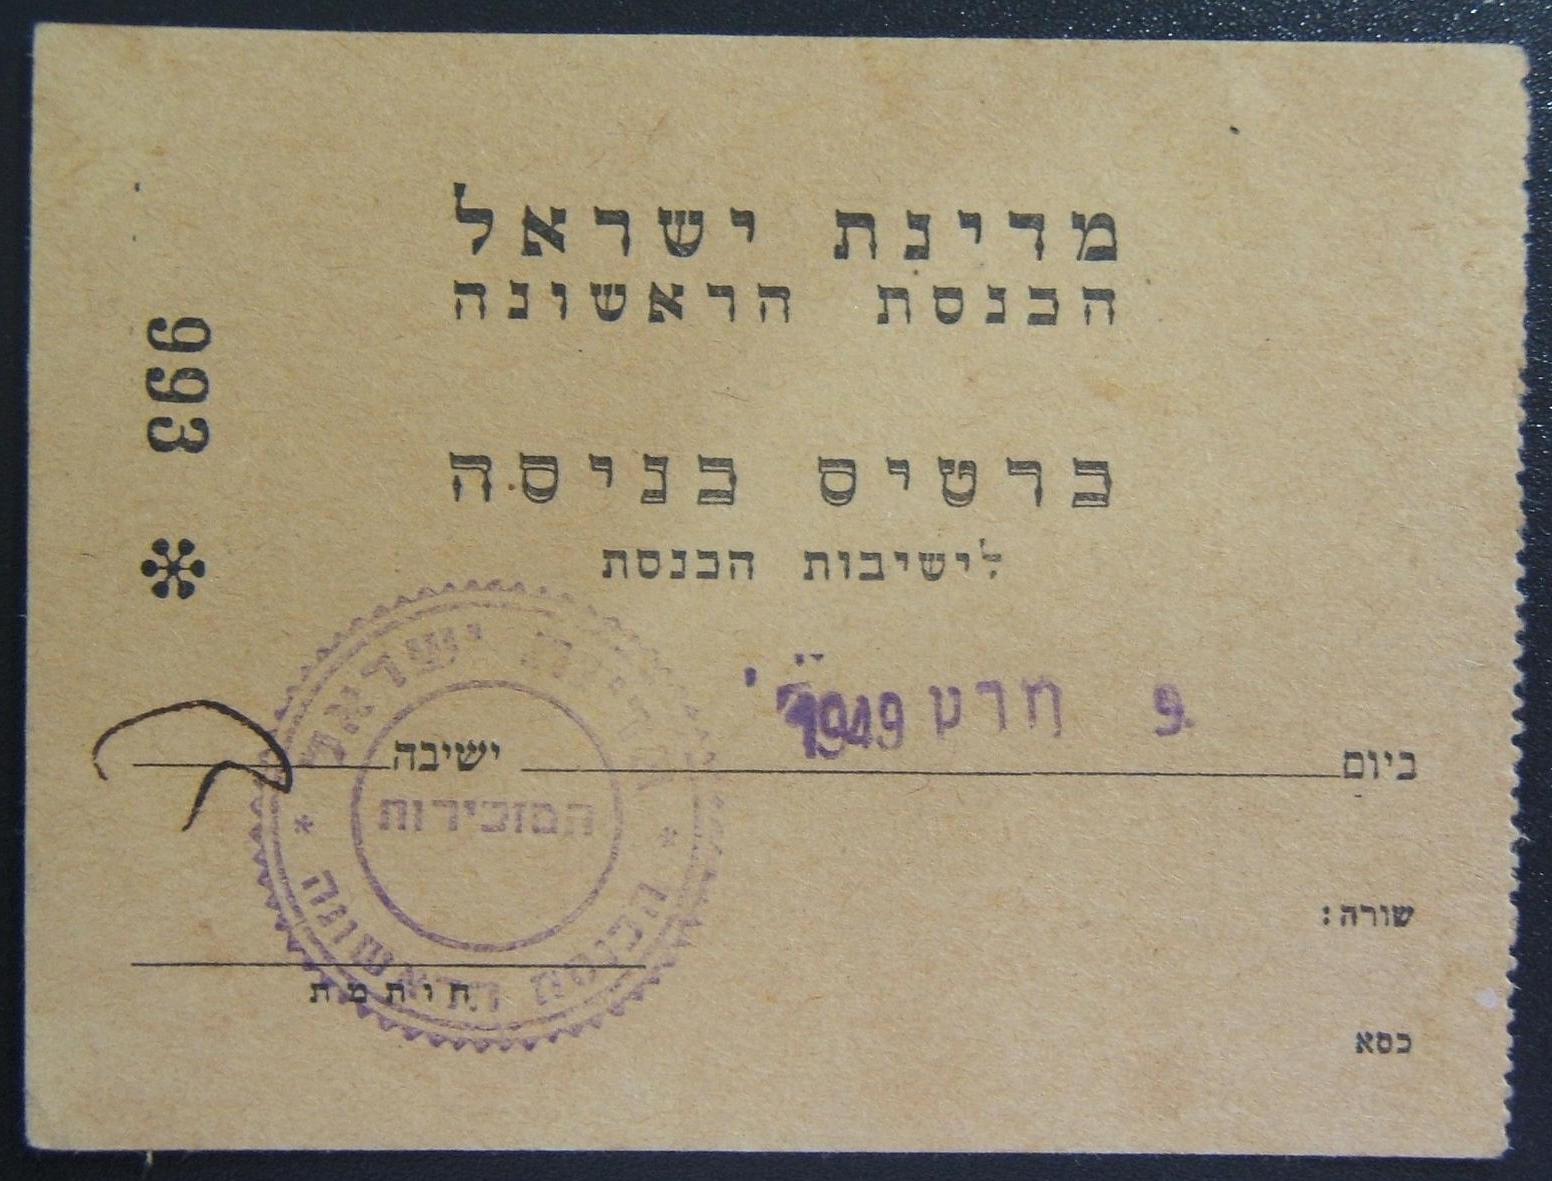 כרטיס כניסה לכנסת הראשונה / האסיפה הראשונה של הכנסת 1949